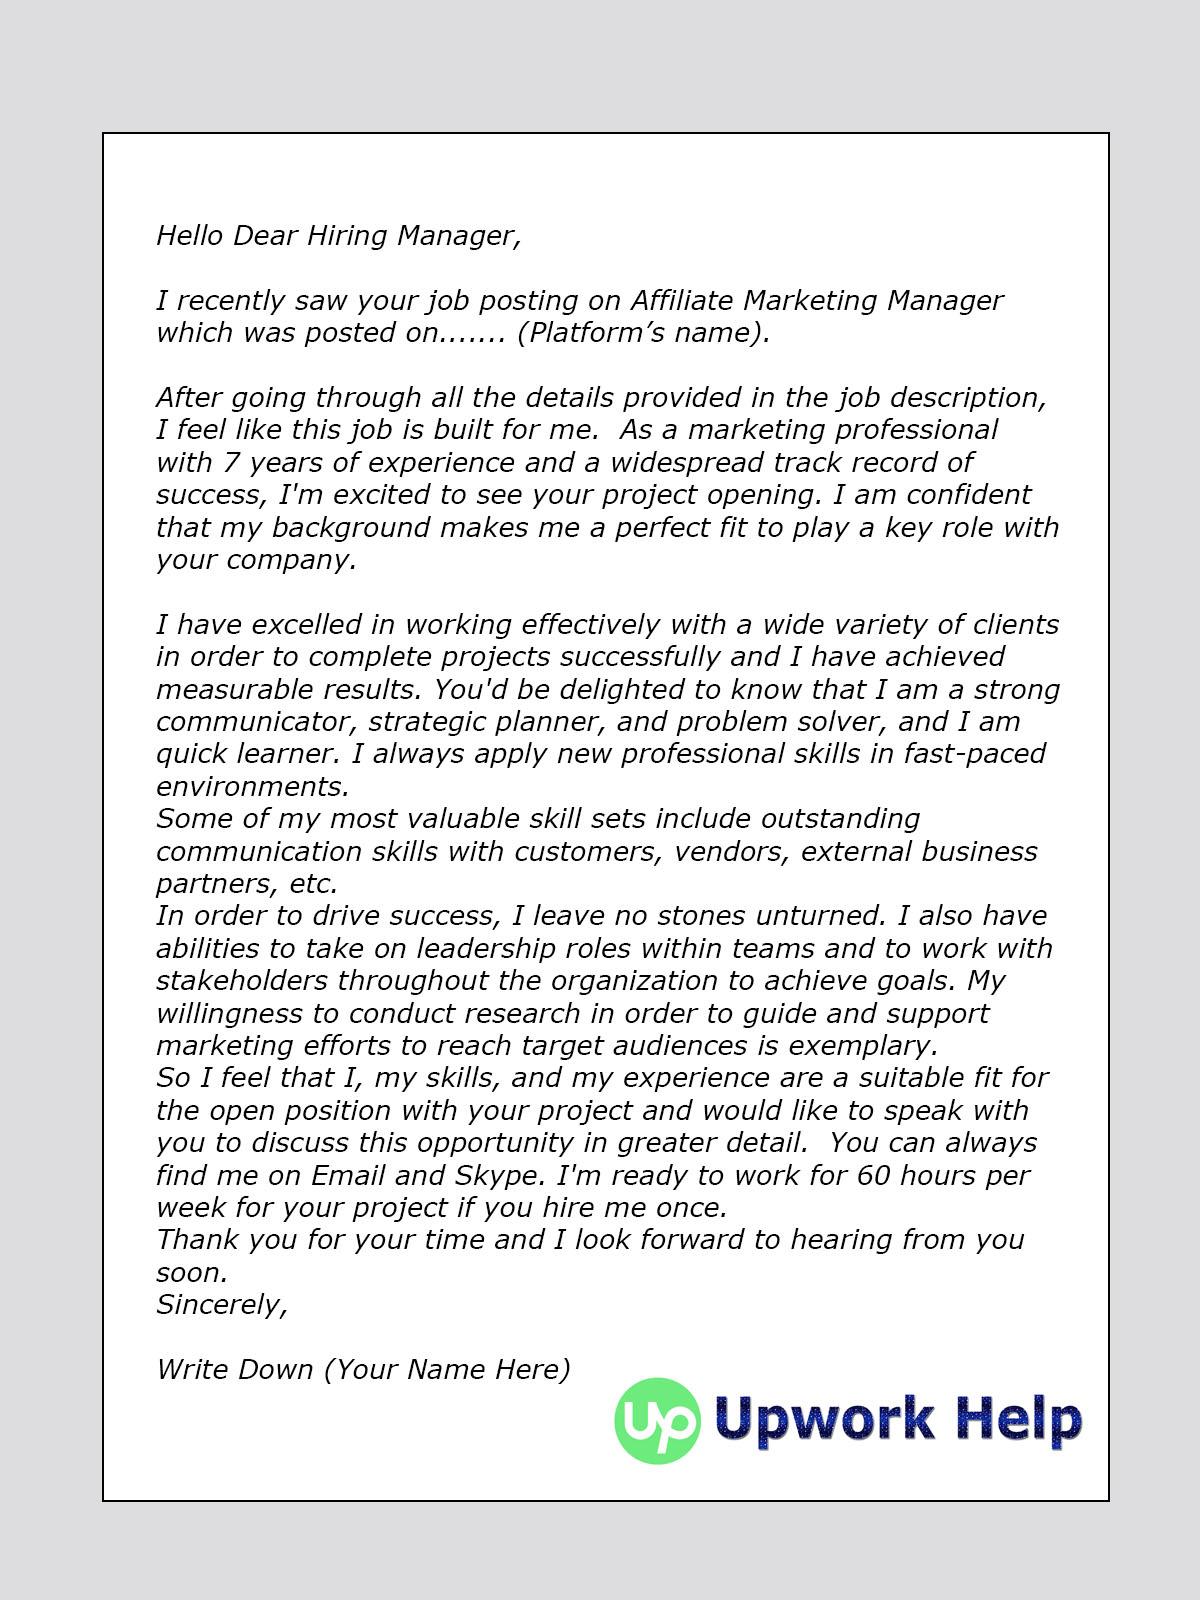 Upwork Cover Letter Sample for Affiliate Marketing Amazon Upwork